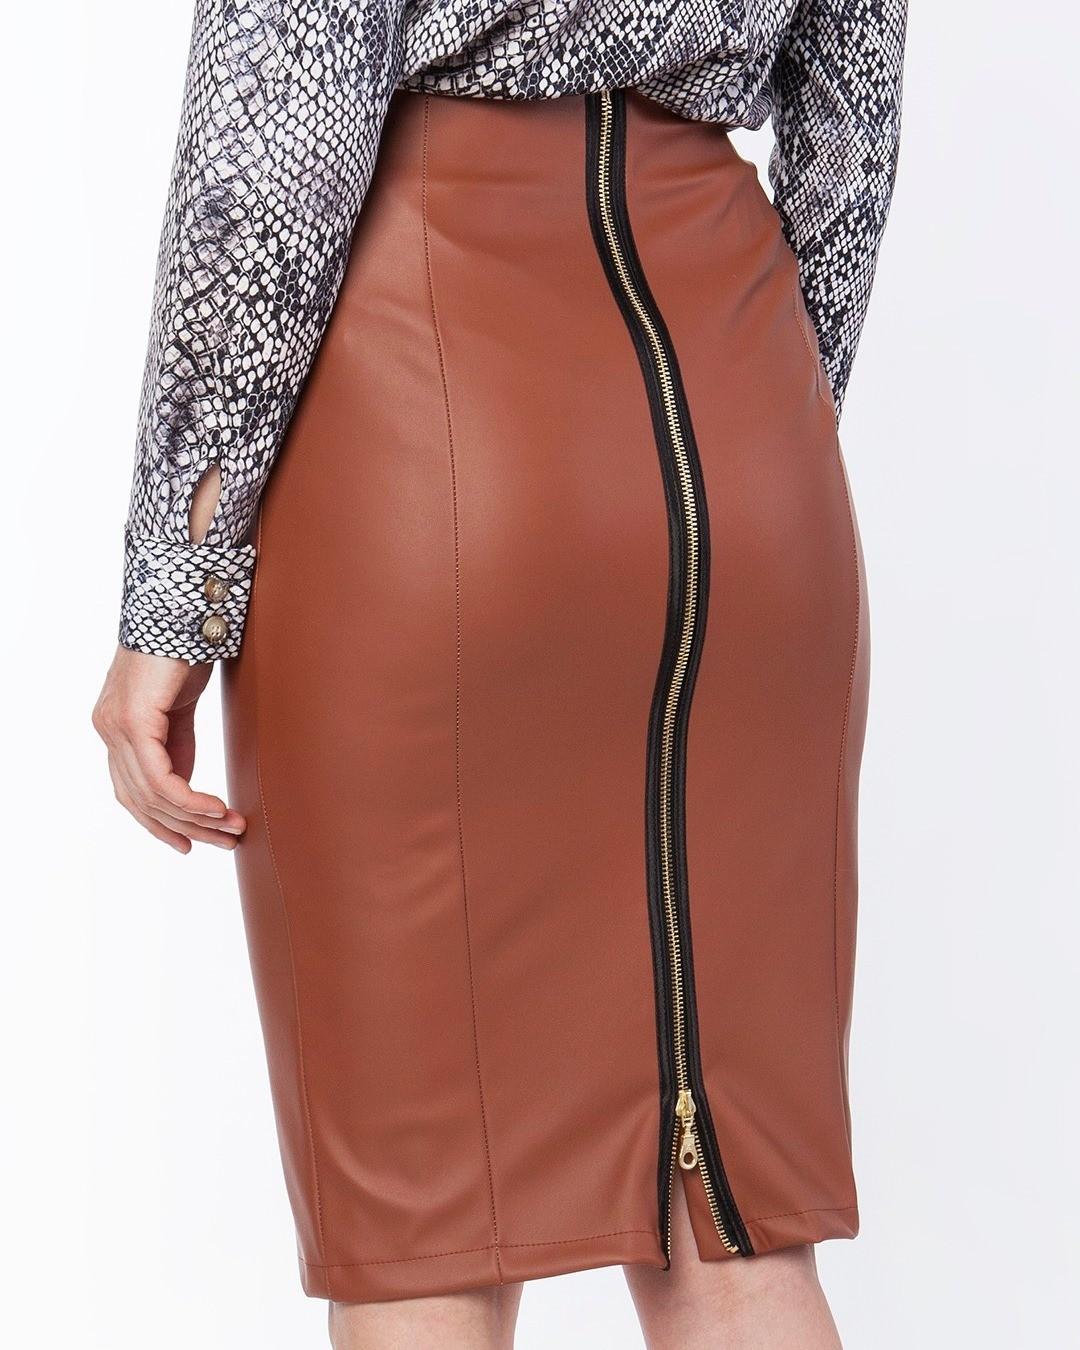 W tej spódnicy to Ty decydujesz o długości rozporka. To bardzo praktyczne i... niezwykle seksowne. #fashion #outfit #model #heels #girls #leatherfashion #leather #instagood #pretty #stylish #dress #cute #shopping #photooftheday #blouse #top #jacket #clothes #skirt #pencilskirt #leatherskirt #spódnica #spódnicaołówkowa #spodnicazsuwakiem #ołówkowa #olowkowa #spodnicaskorzana 1699